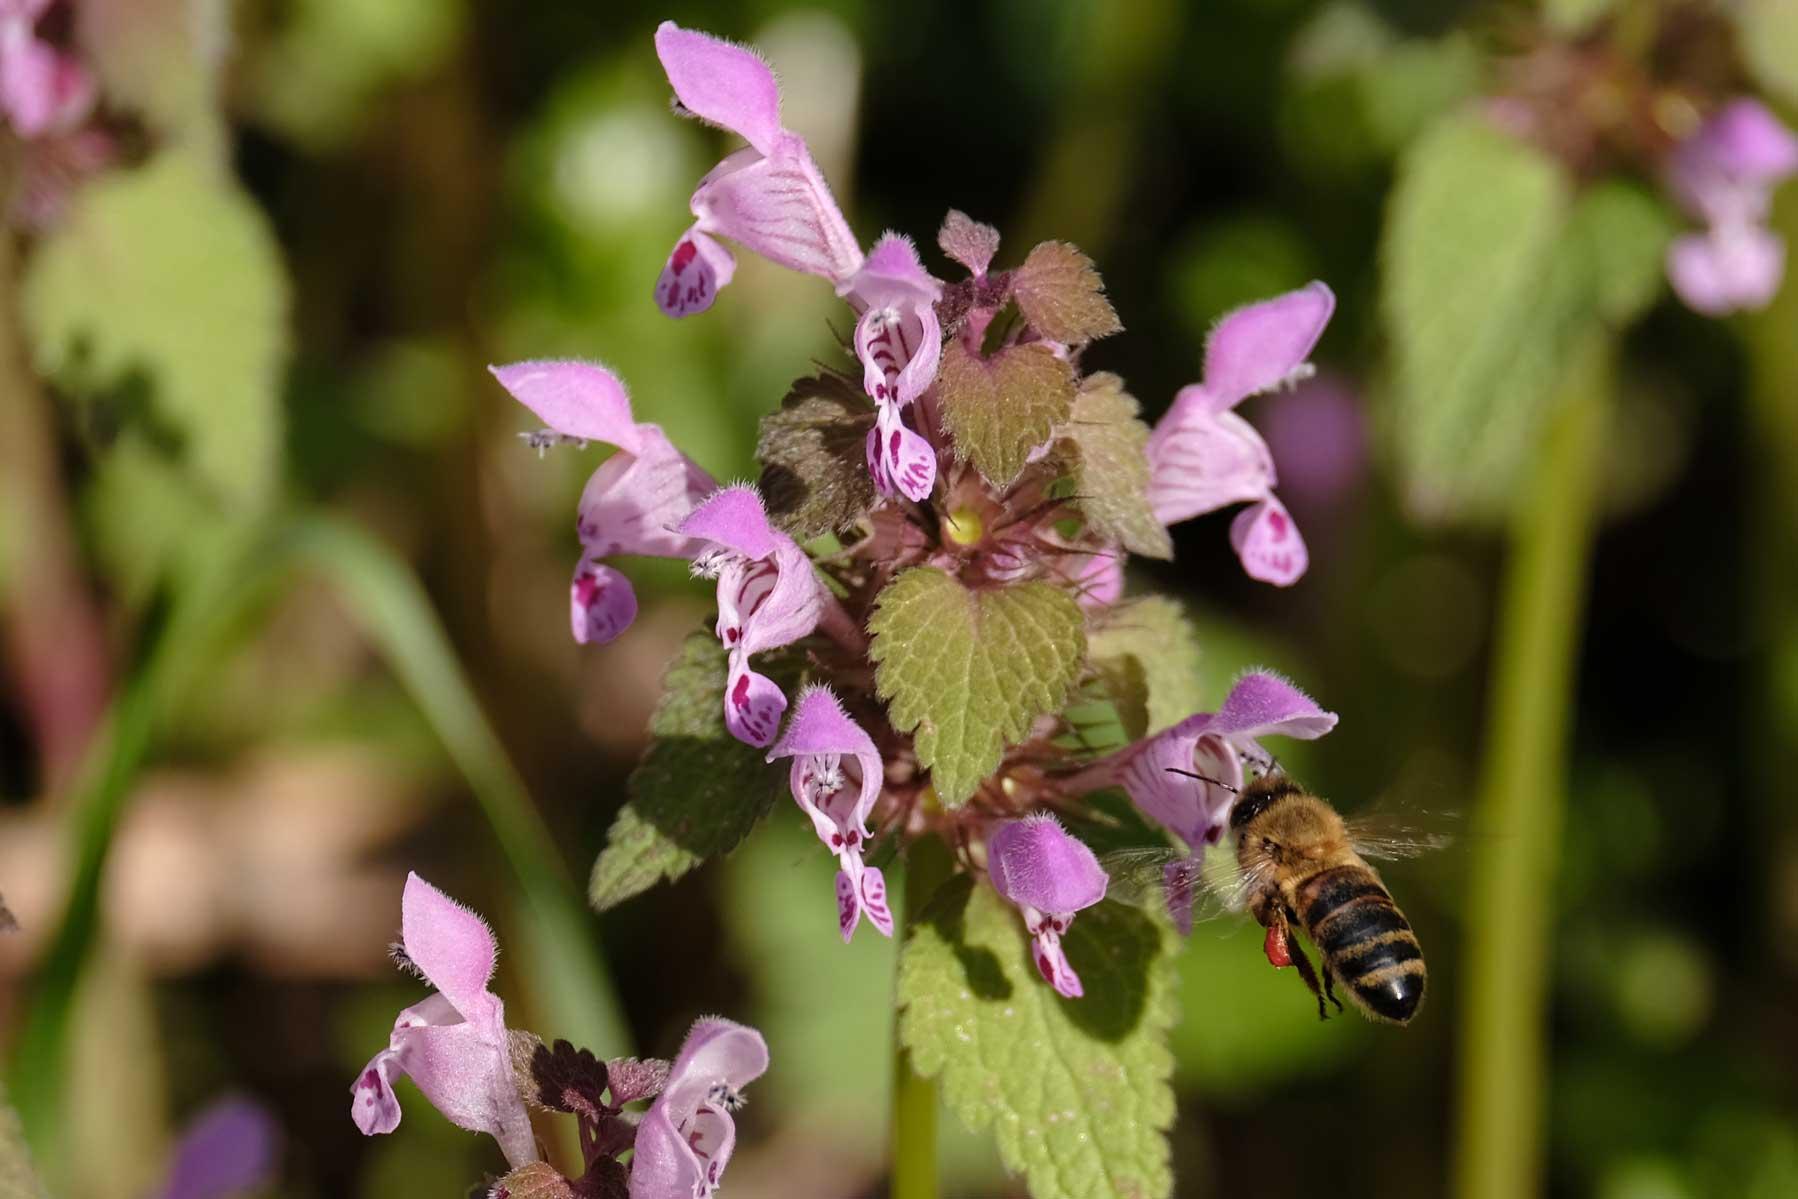 Auch die Bienen sind fleißig und suchen nach Pollen